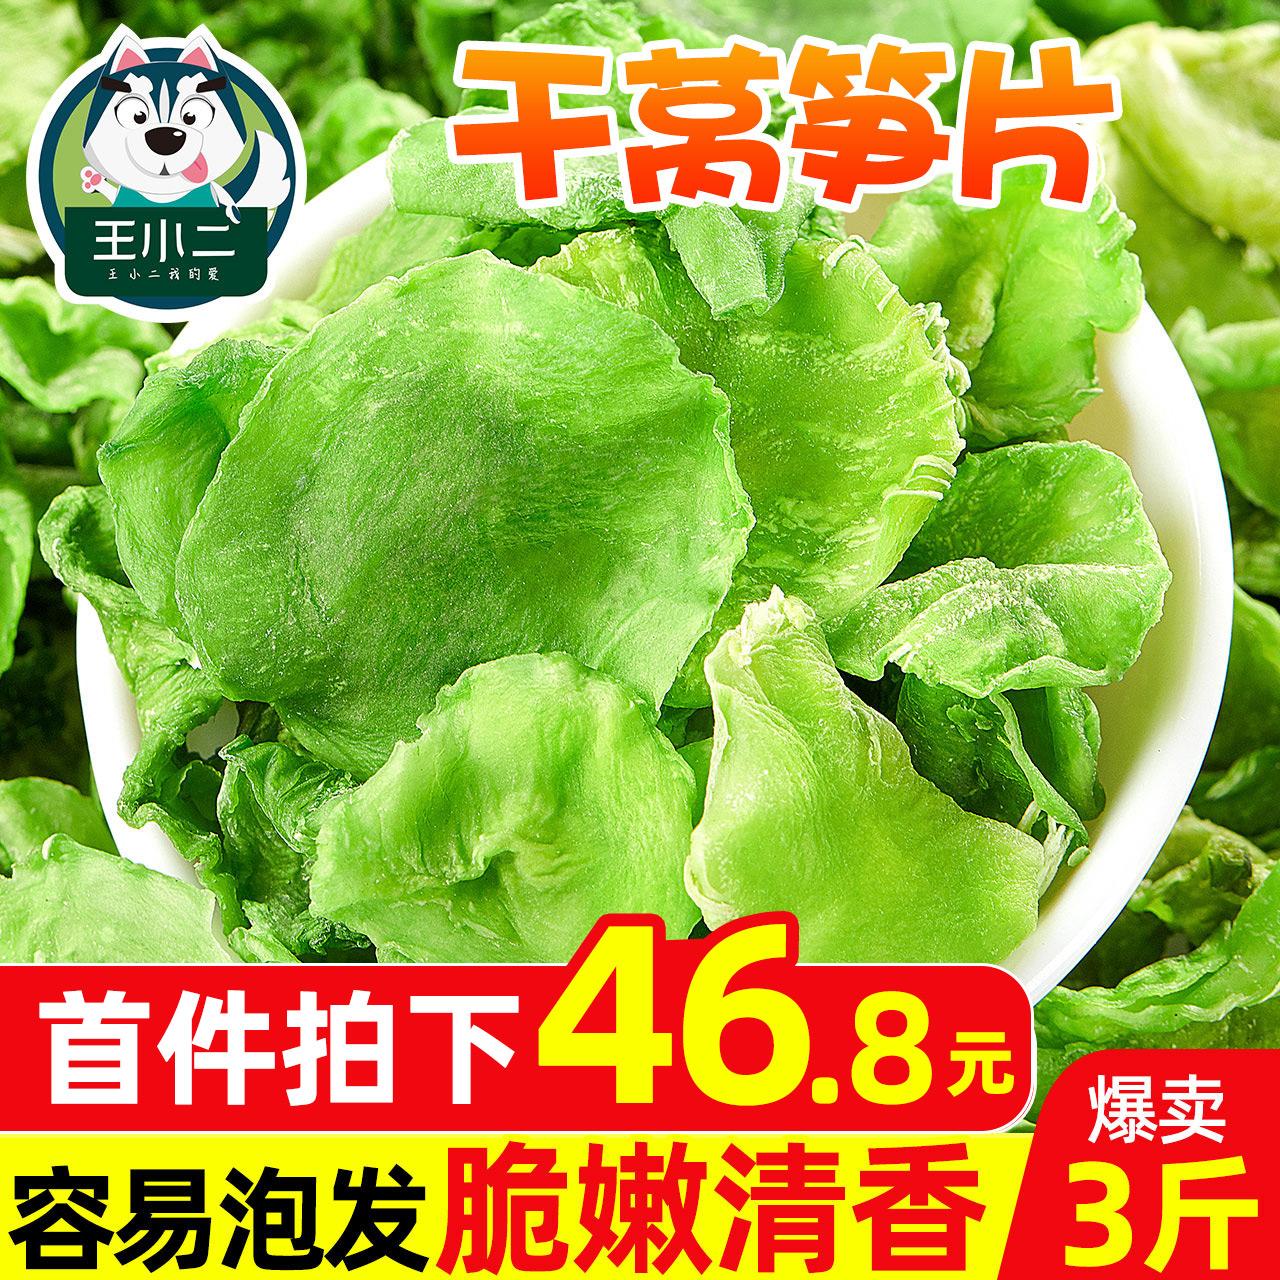 湖北莴笋干脱水蔬菜莴苣农家自种整箱青笋土特产干货包邮3斤批发5